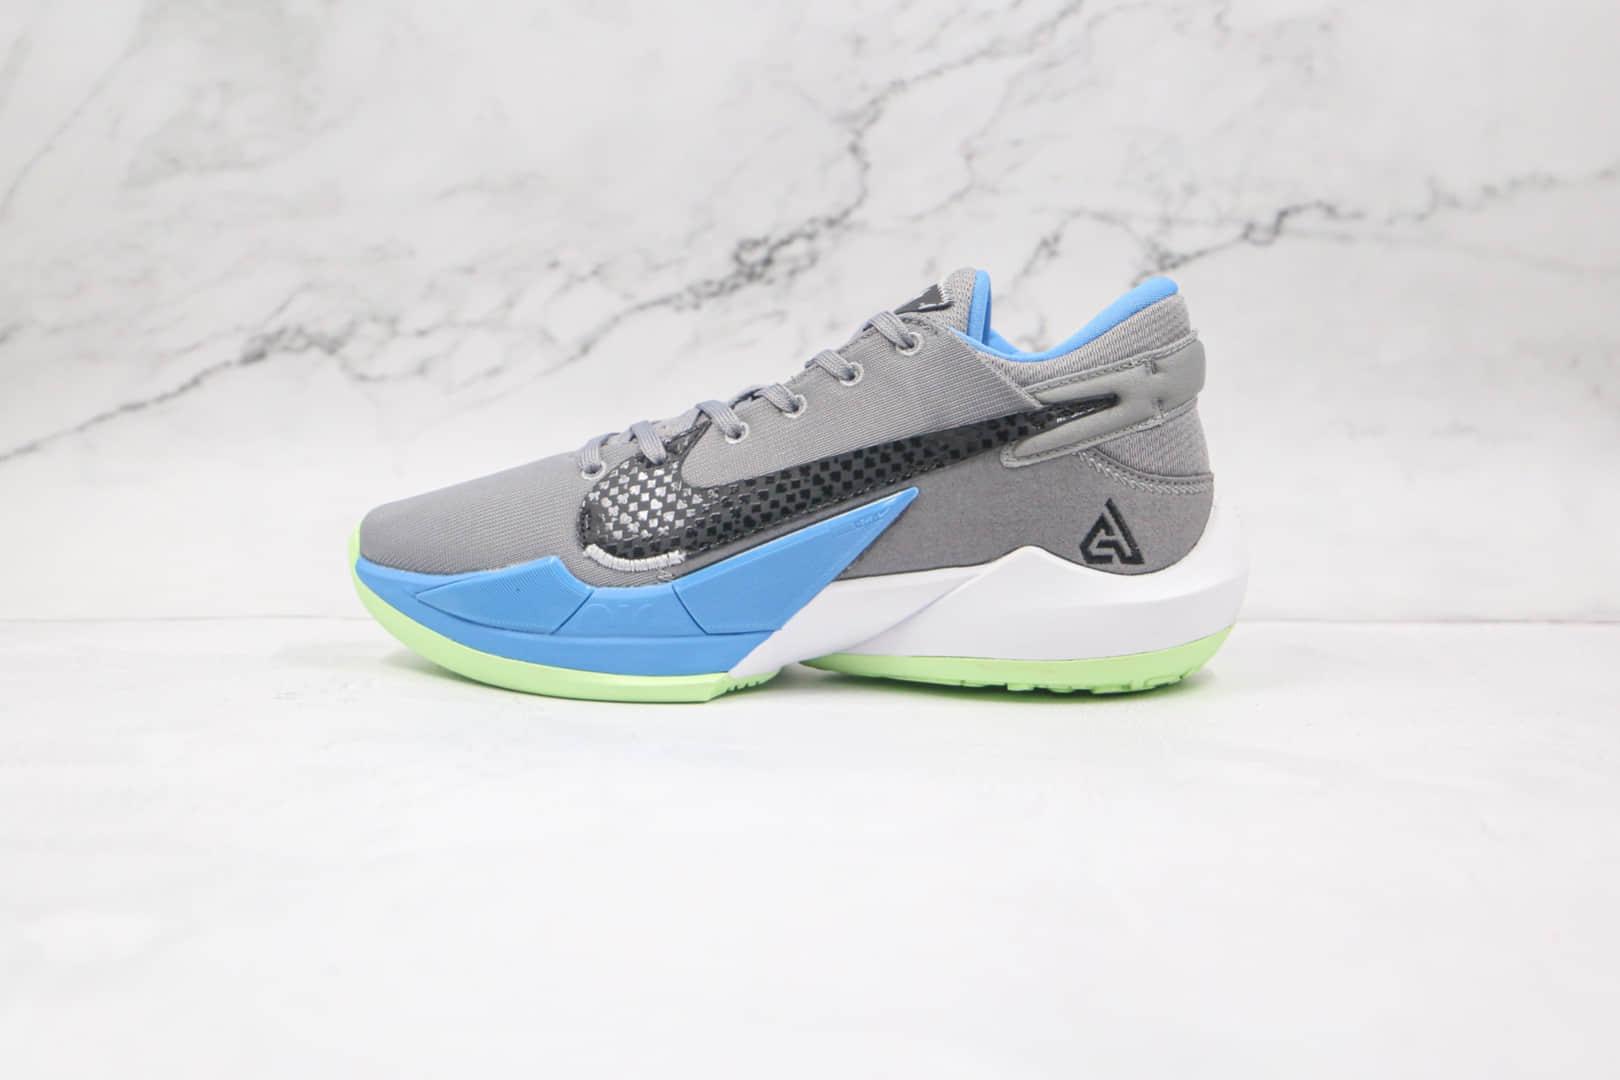 耐克Nike Zoom Freak 2纯原版本字母哥二代灰黑蓝色篮球鞋内置气垫支持实战 货号:CK5424-004